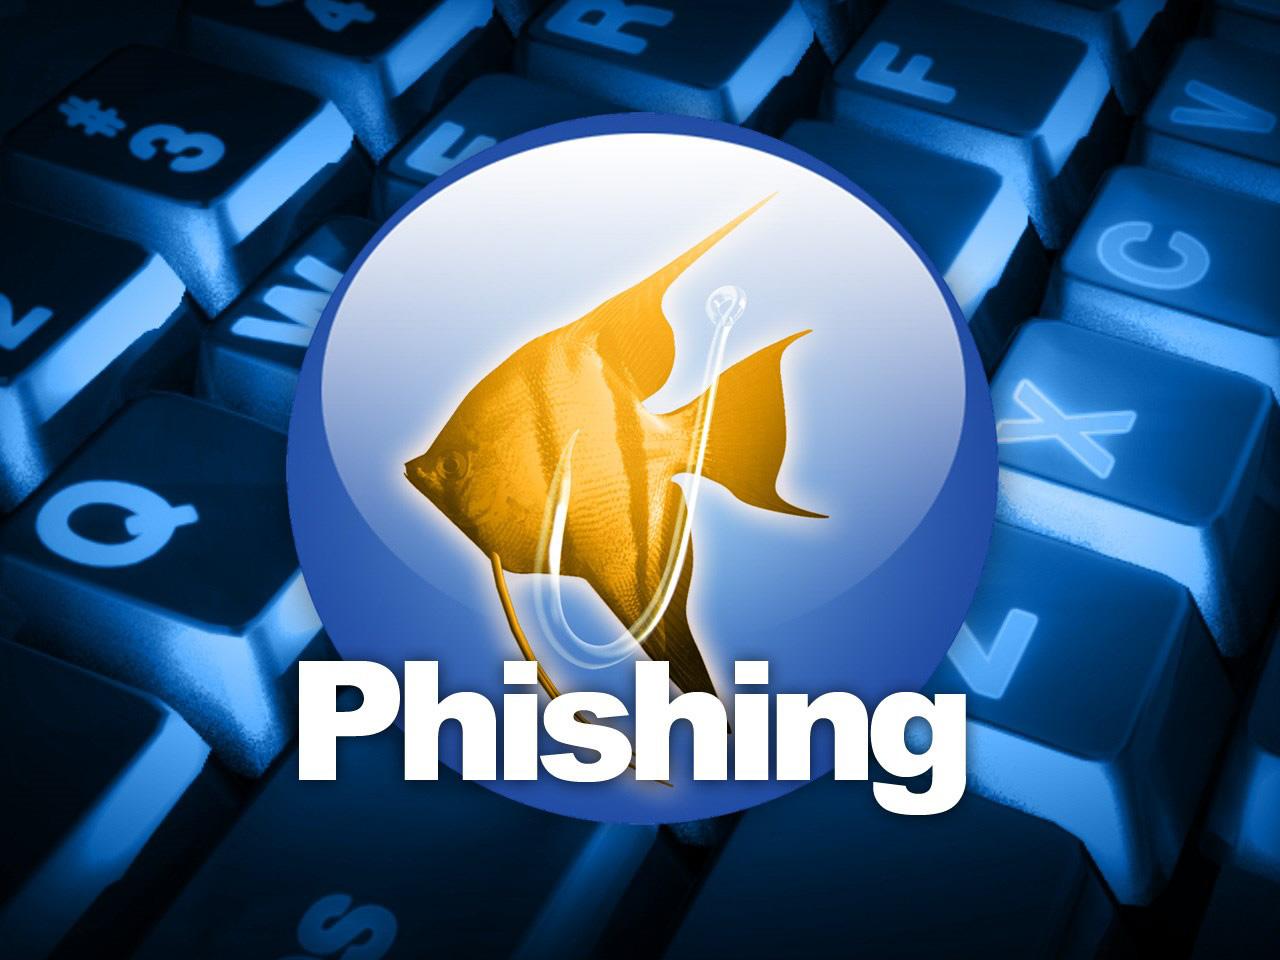 Phishing art 4-3-19_1554325237858.jpg.jpg